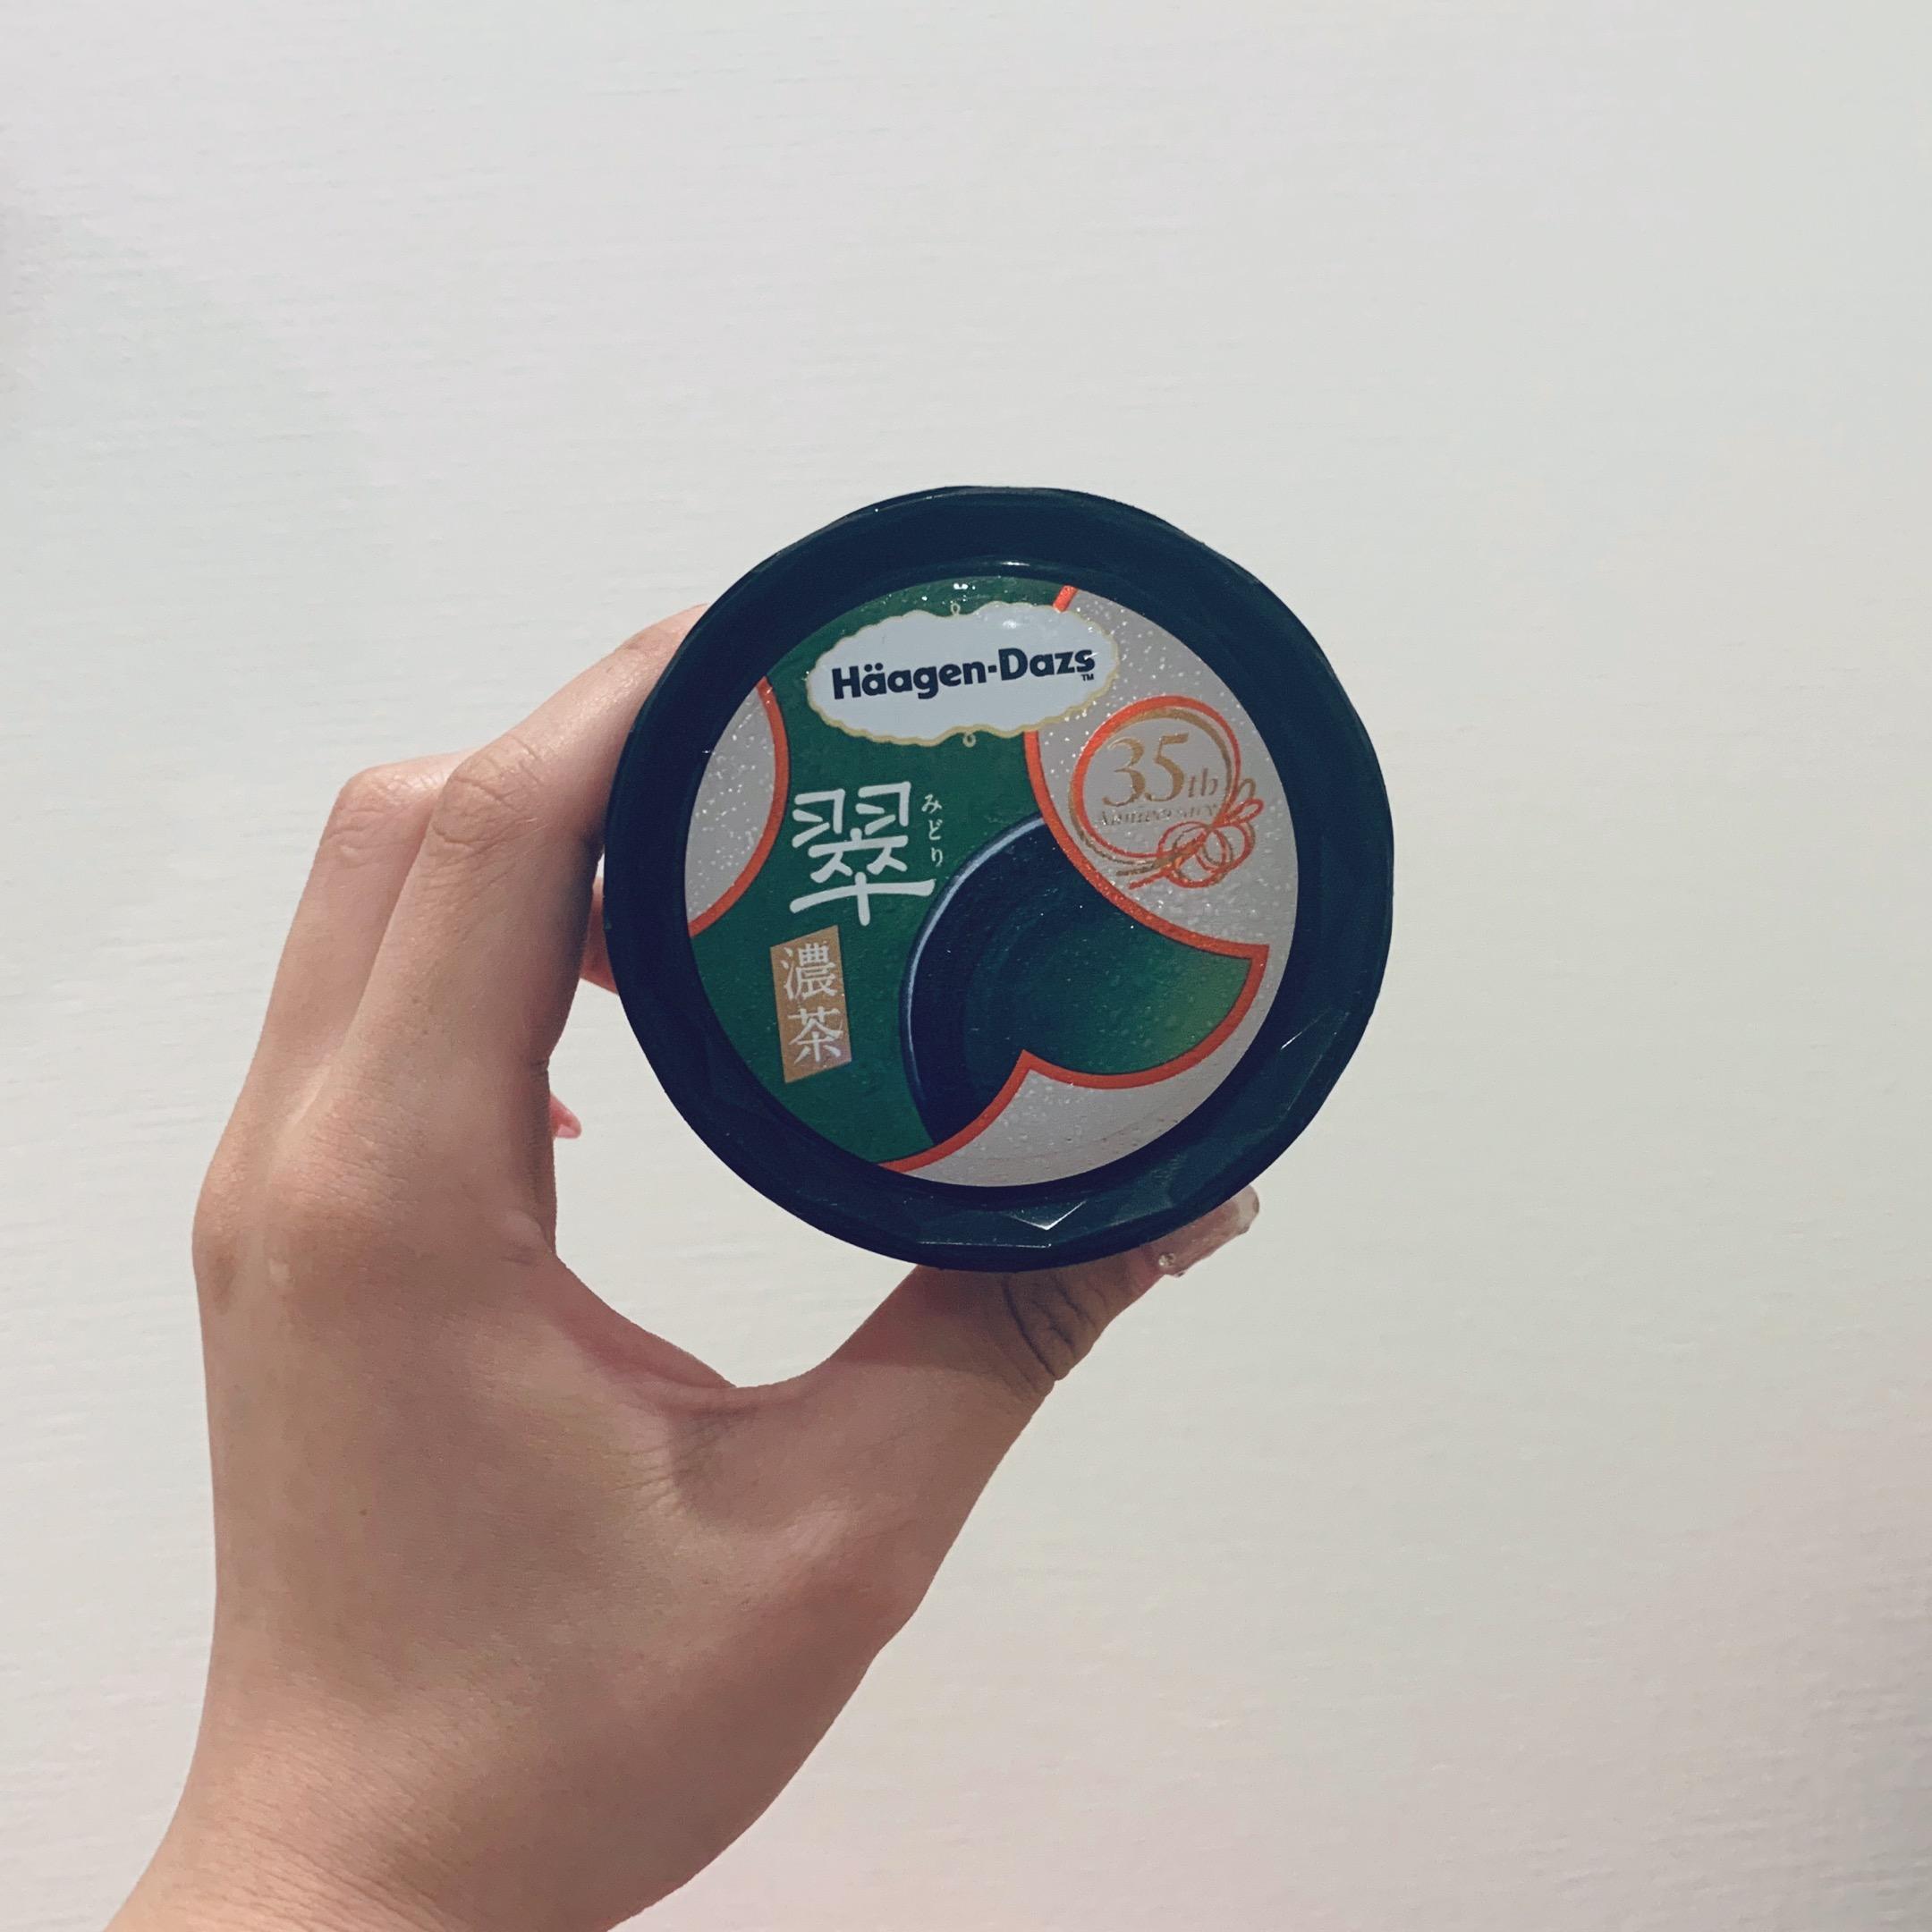 最高の品質!高コスパな美容液シャンプー「エイトザタラソ」が潤いすぎる_7